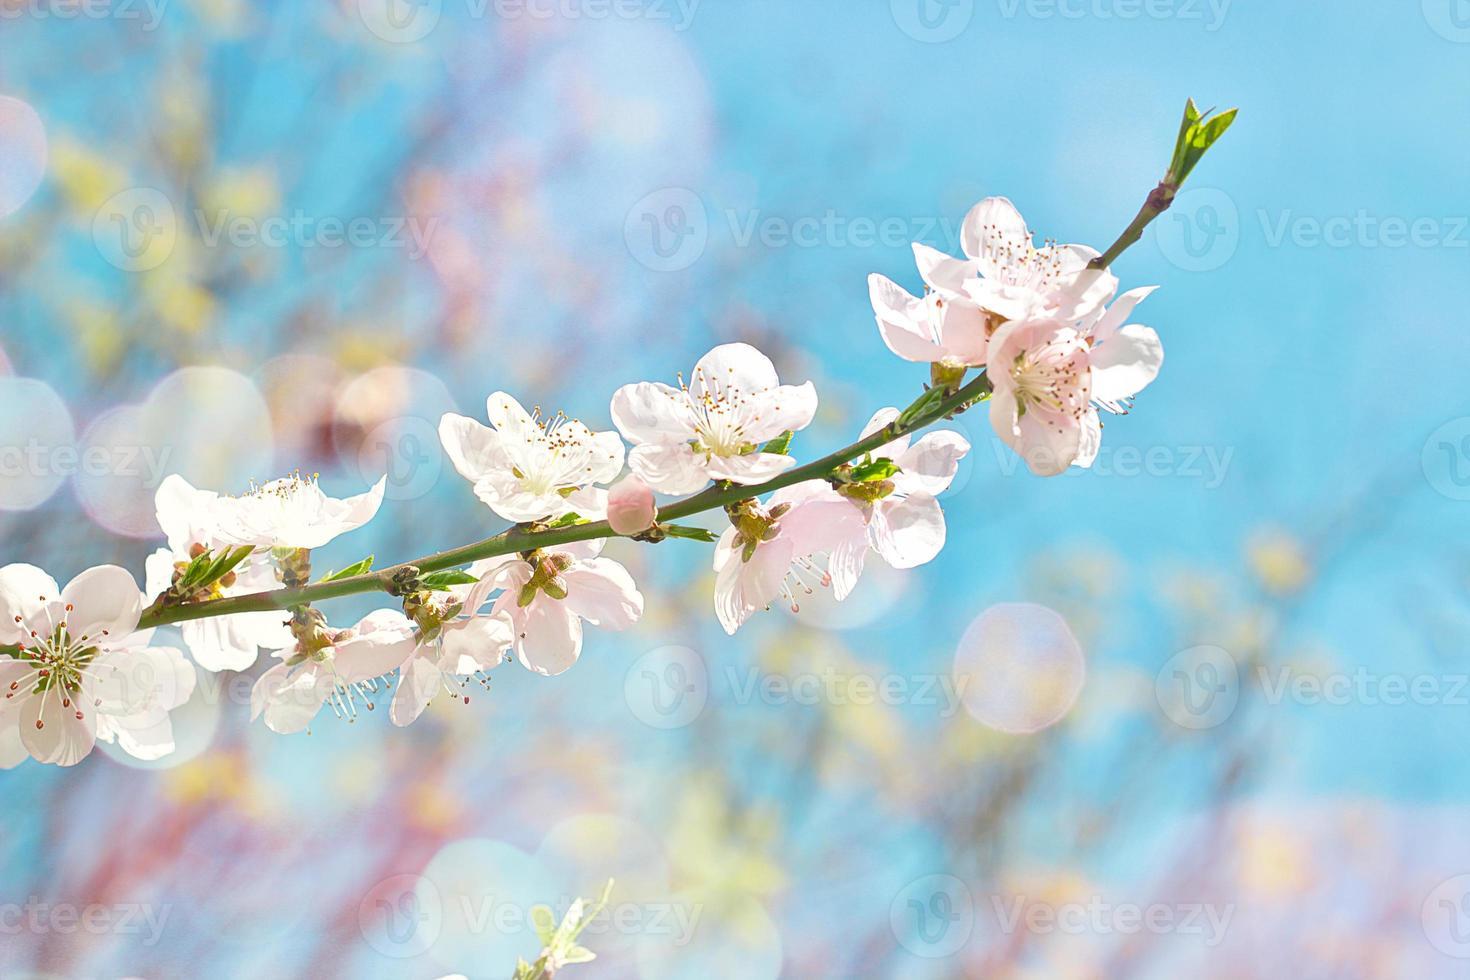 witte bloemen in bloei - abstracte lente achtergrond foto